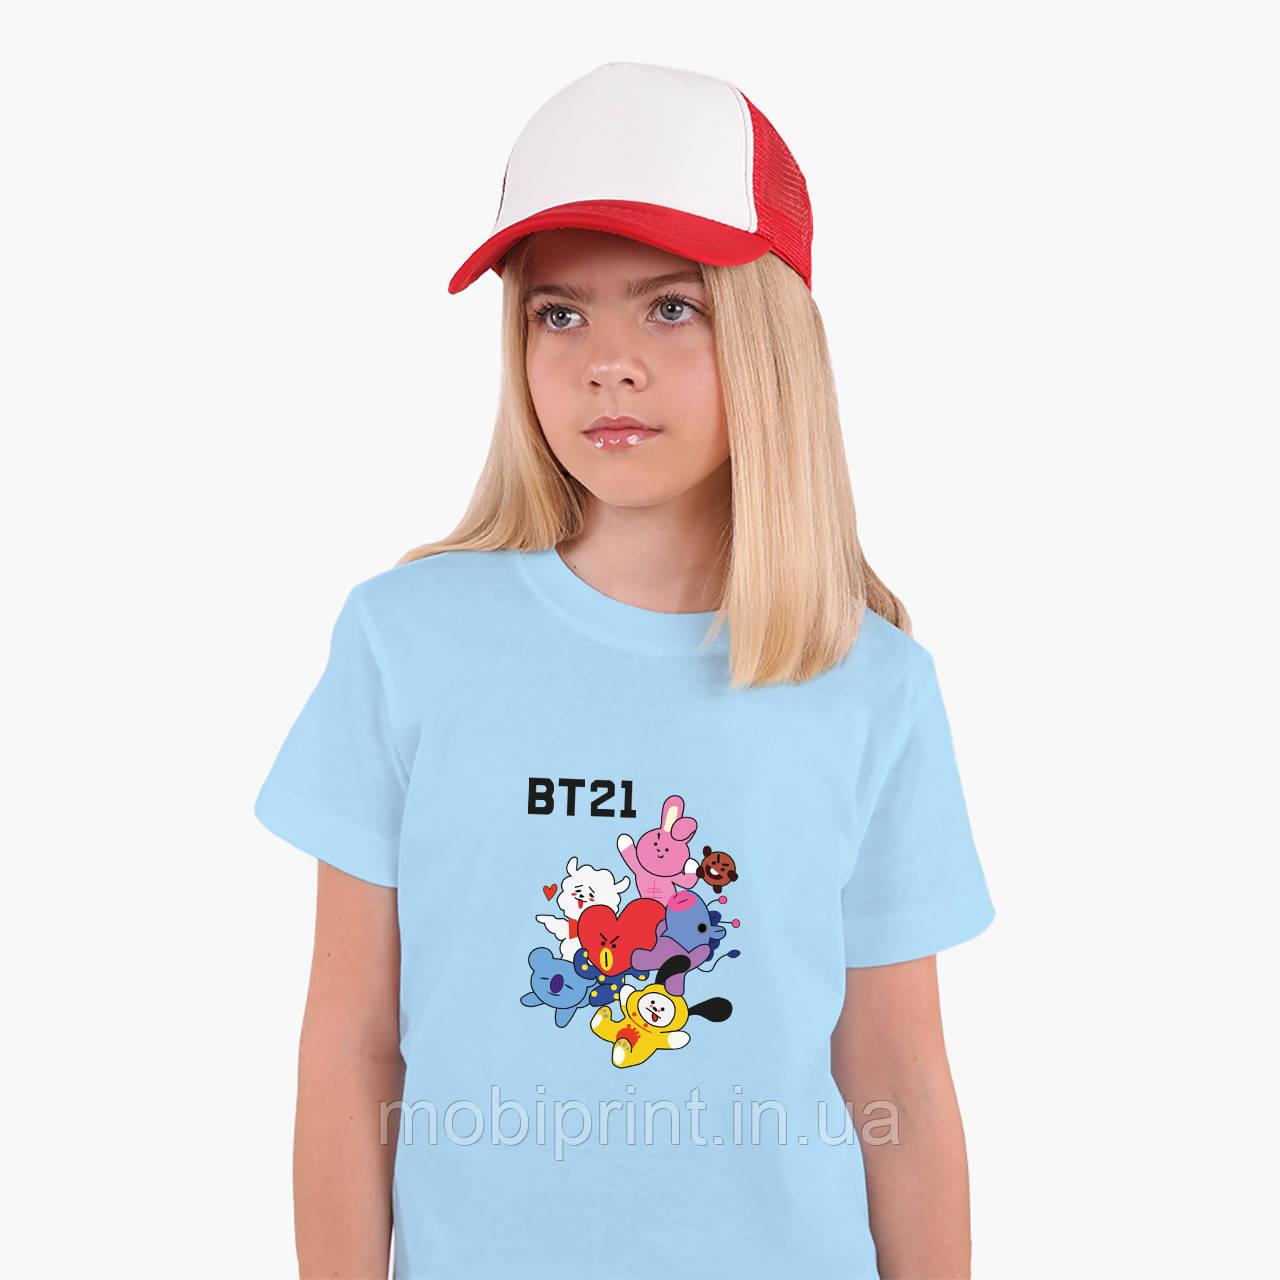 Детская футболка для девочек БТС (BTS) (25186-1166) Голубой